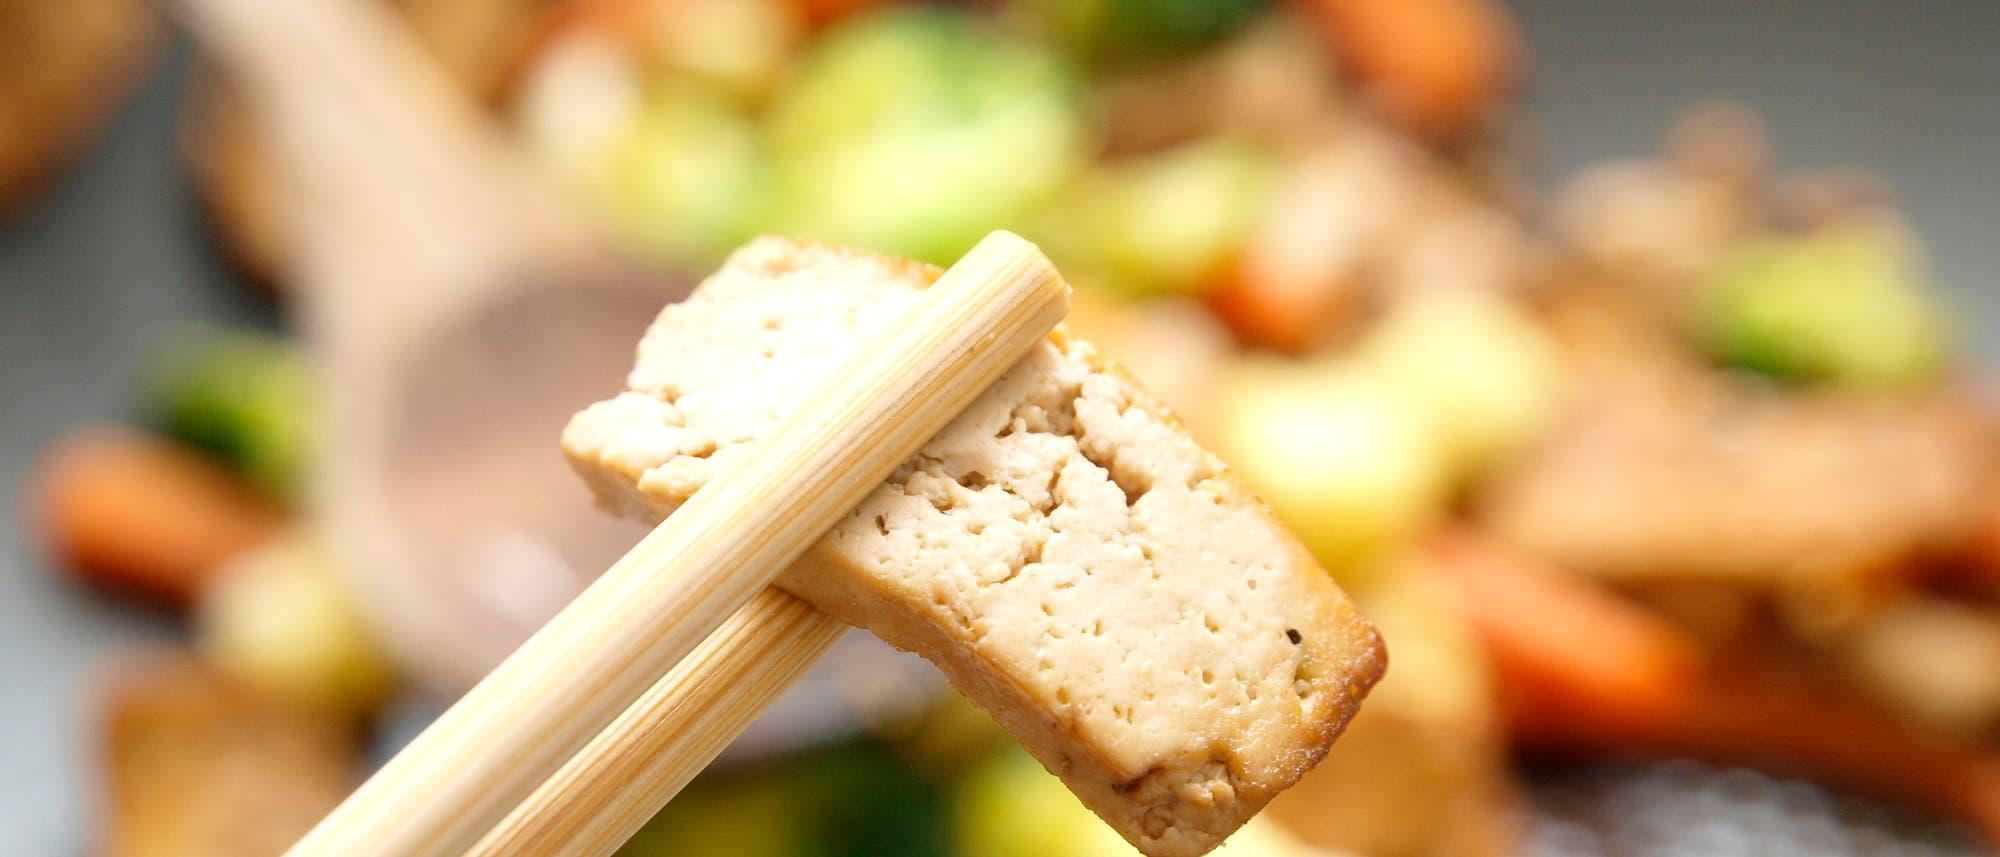 Vegane Ernährung muss nicht gesünder sein: Viele Fleisch-Ersatzprodukte schmecken nur dank Geschmacksverstärker.